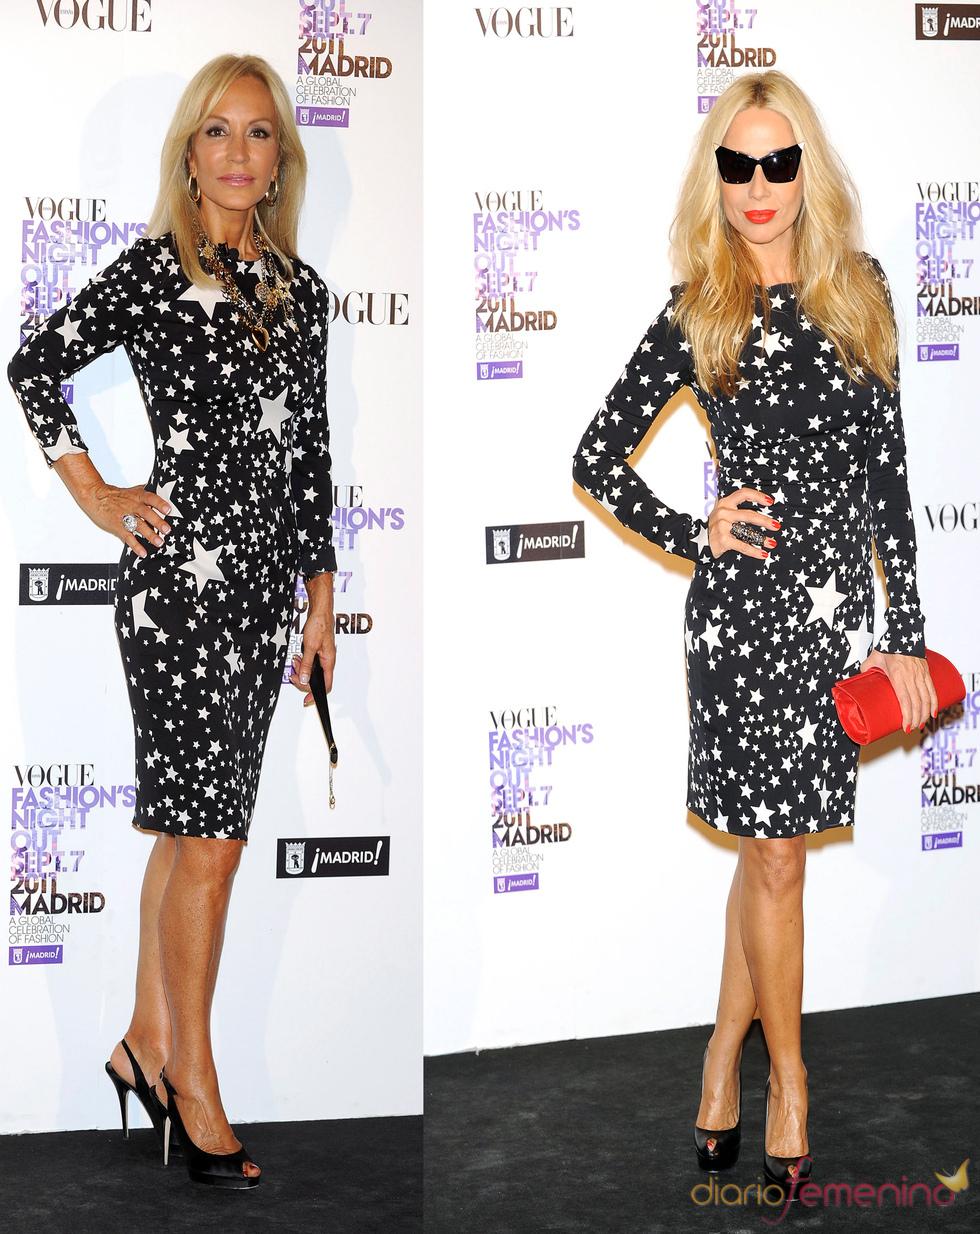 Carmen Lomana y Marta Sánchez comparten vestido en la 'Vogue Fashion Night Out 2011'